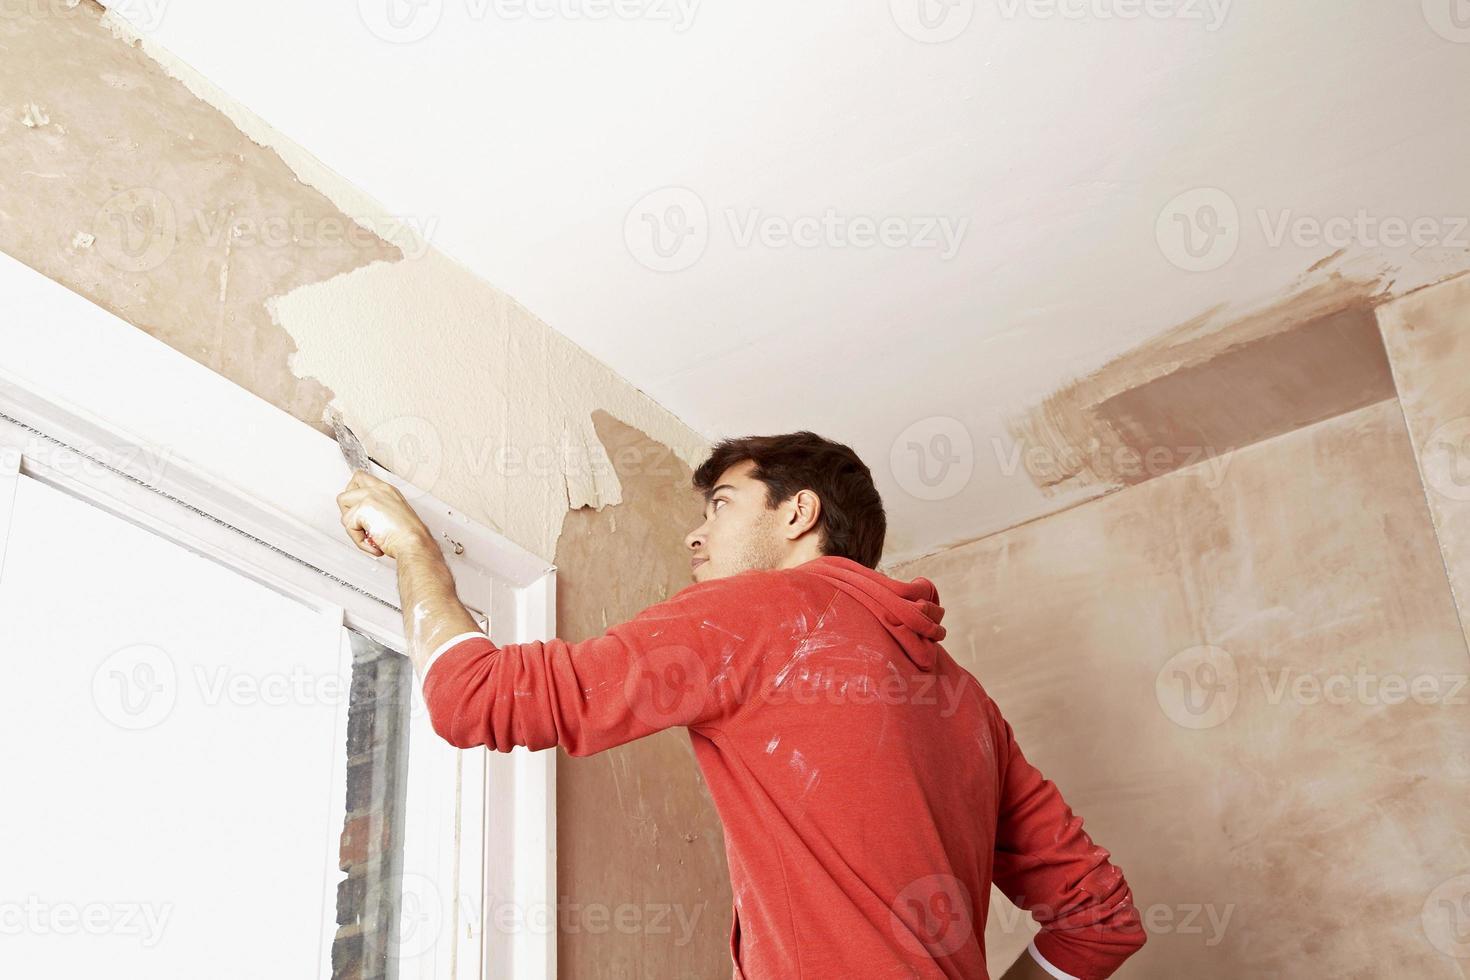 uomo raschiando la vernice dal muro in una stanza non ristrutturata foto